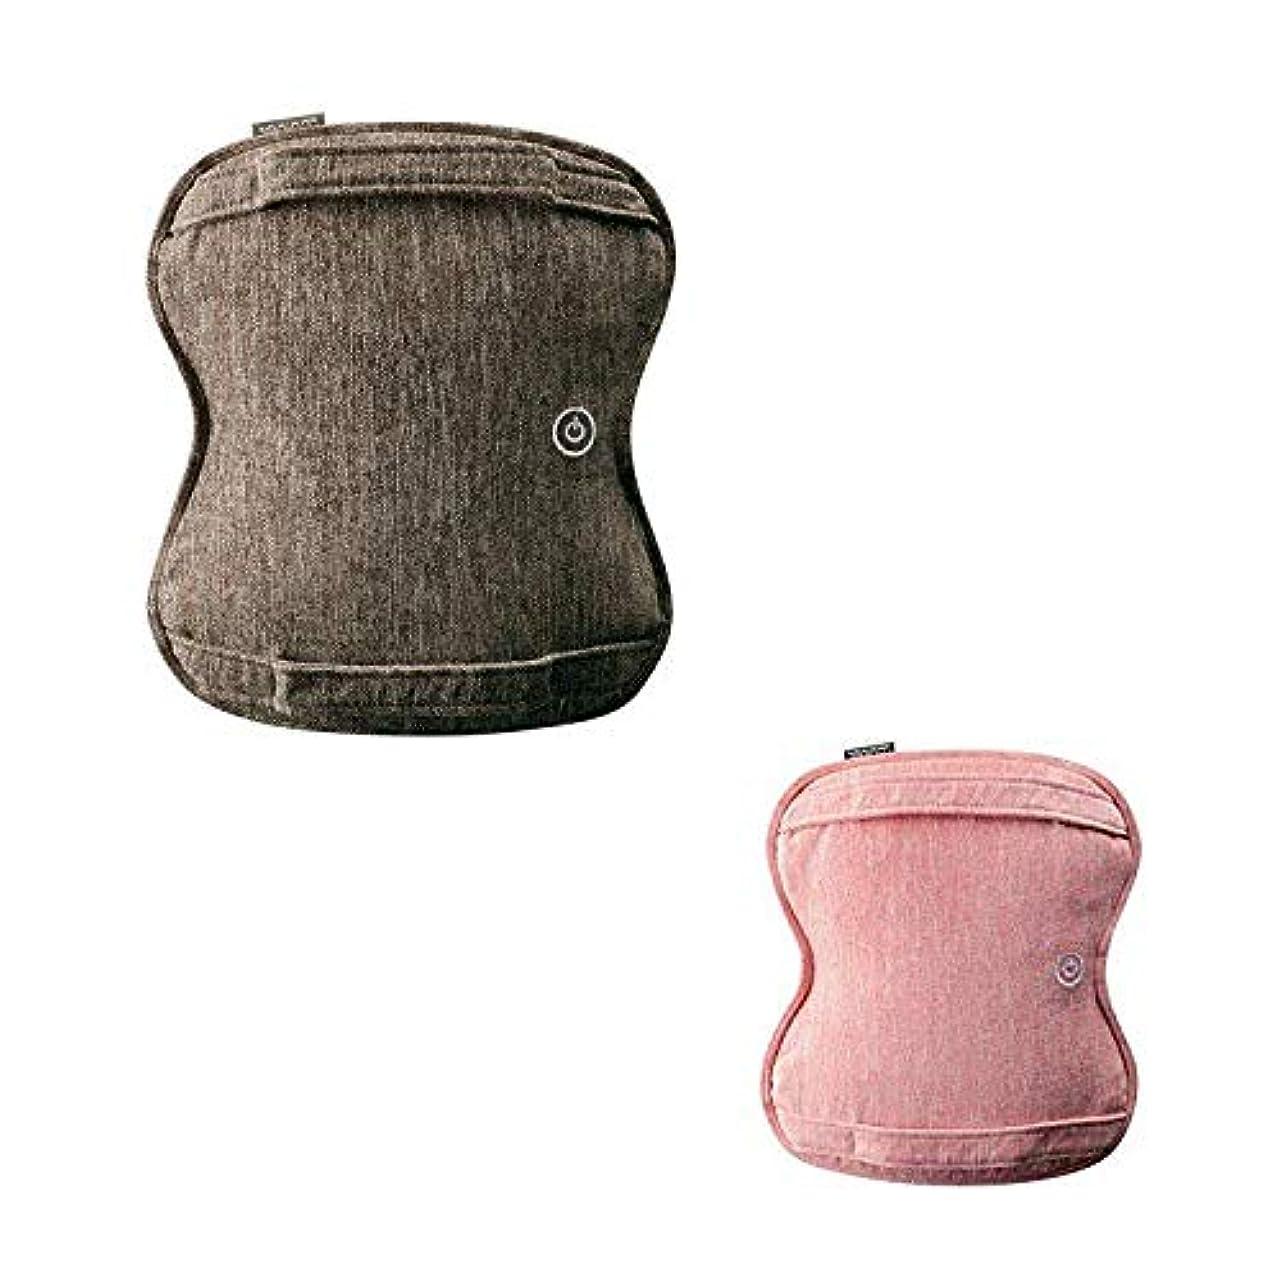 配当テロリスト真夜中ルルド AX-HCL258 ダブルもみ マッサージクッション マッサージ器 洗える 健康器具 腰痛 肩 首 プレゼント アテックス ATEX ランキング (ピンク(pk))